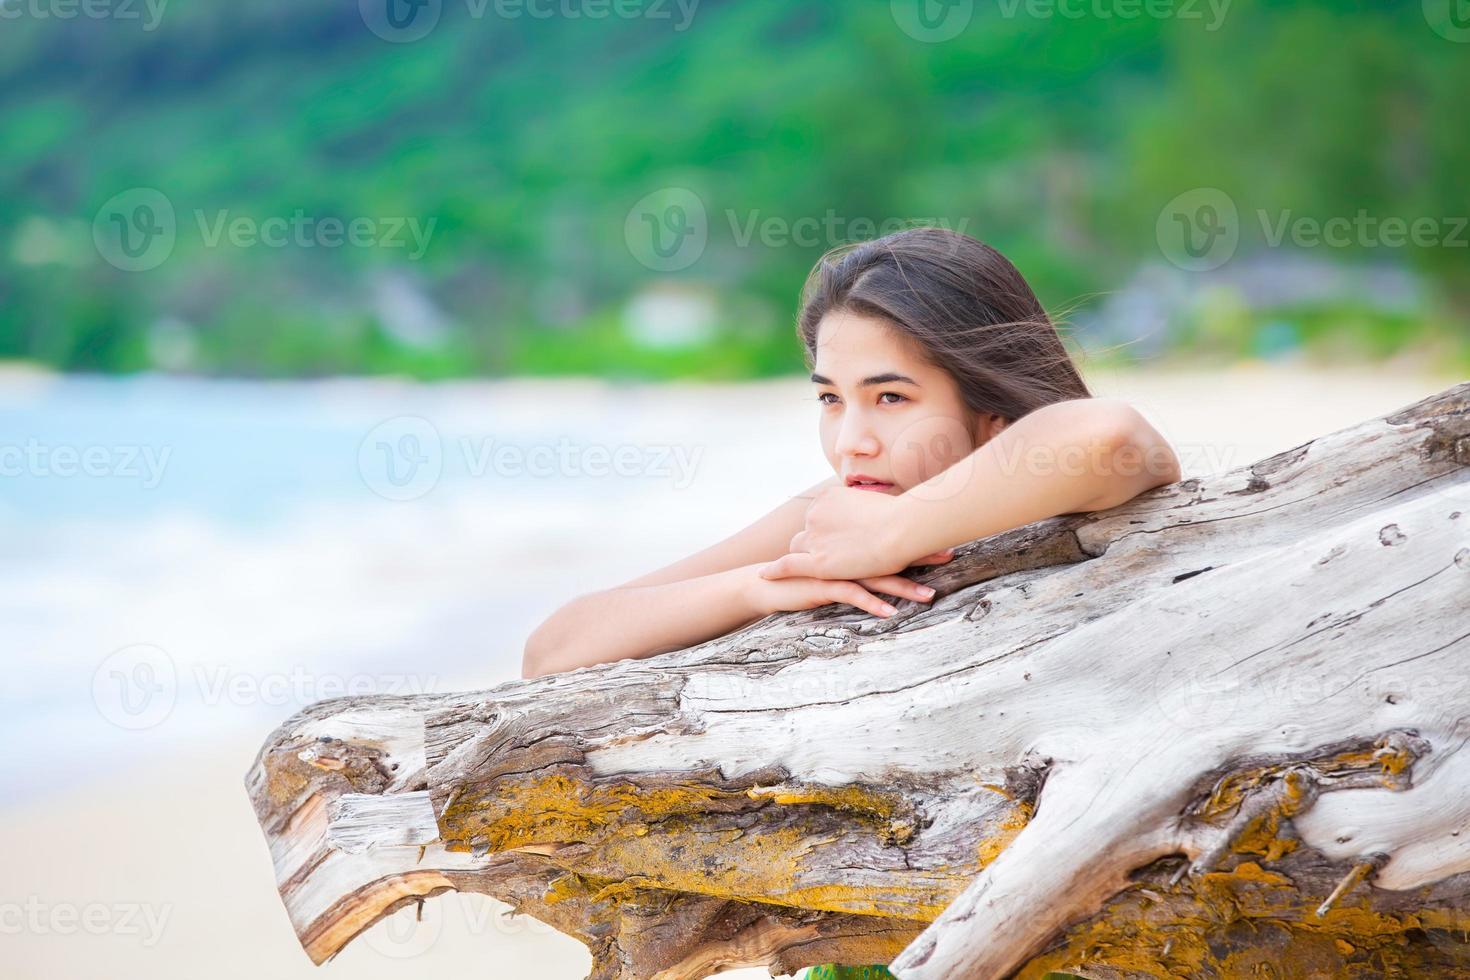 belle adolescente sur la plage priant par bois flotté photo